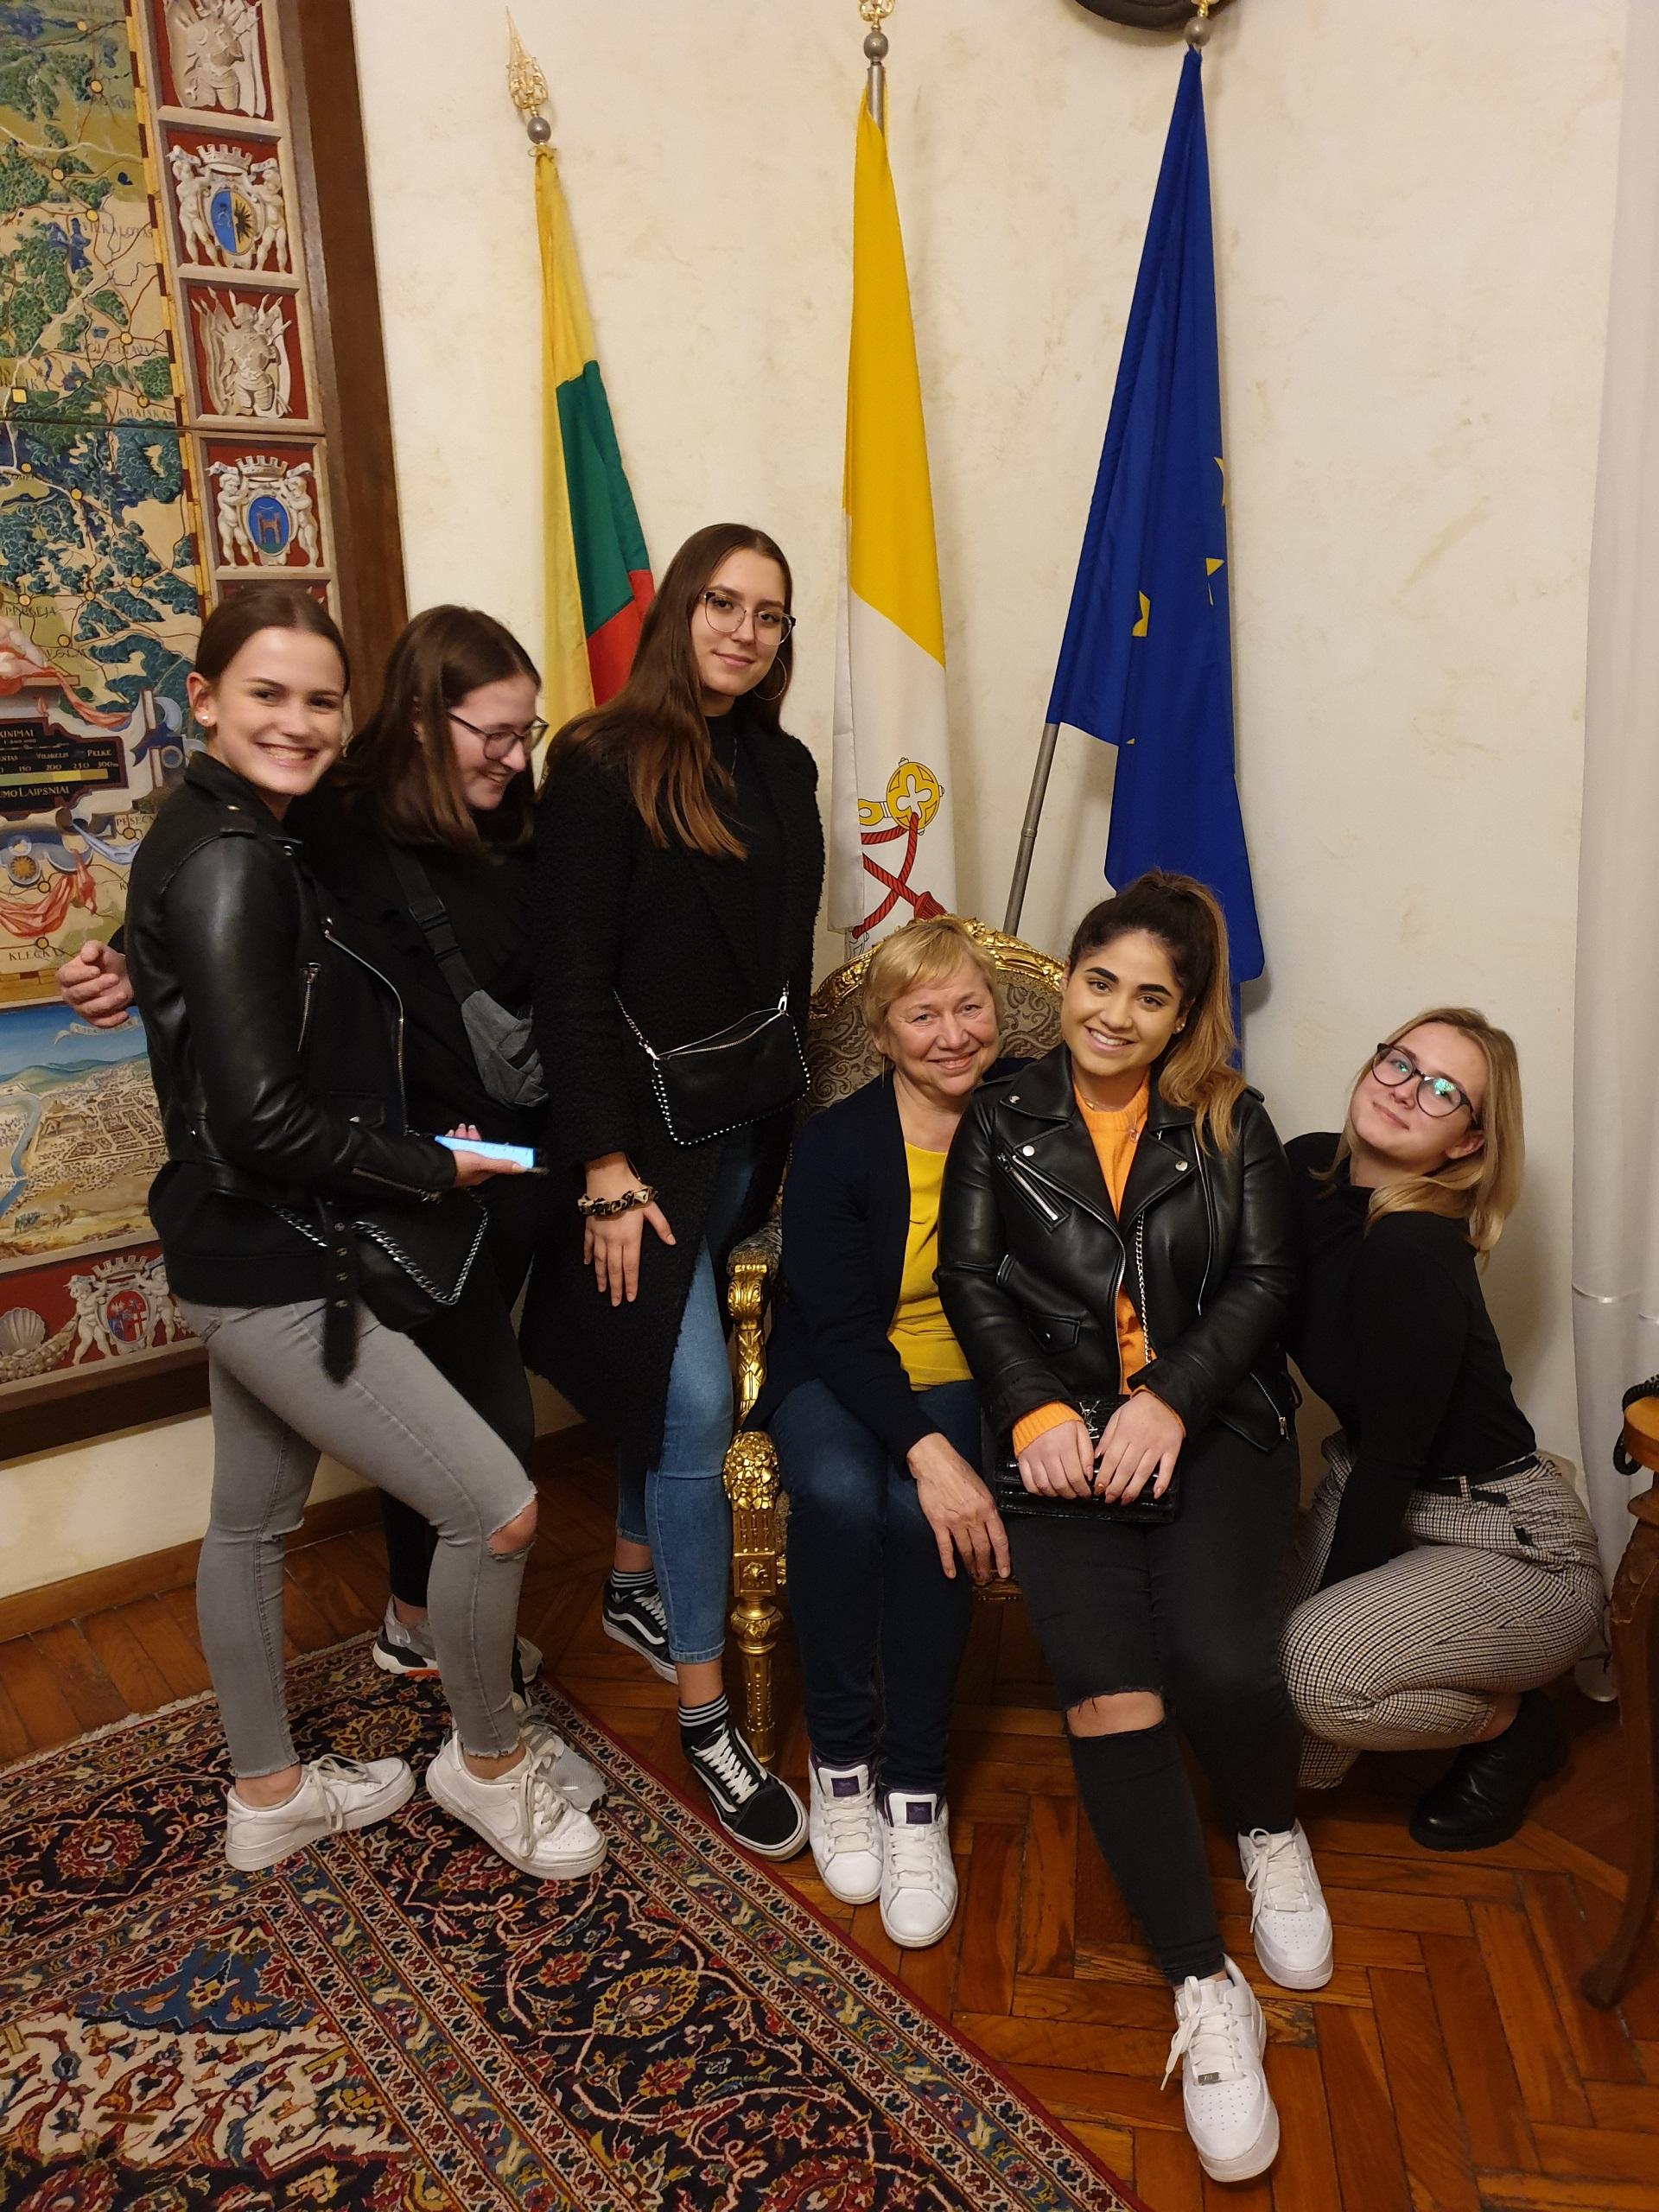 Eine Reise nach Rom: Radio Vatikan und das Päpstliche Litauische Kollegium St. Kazimir